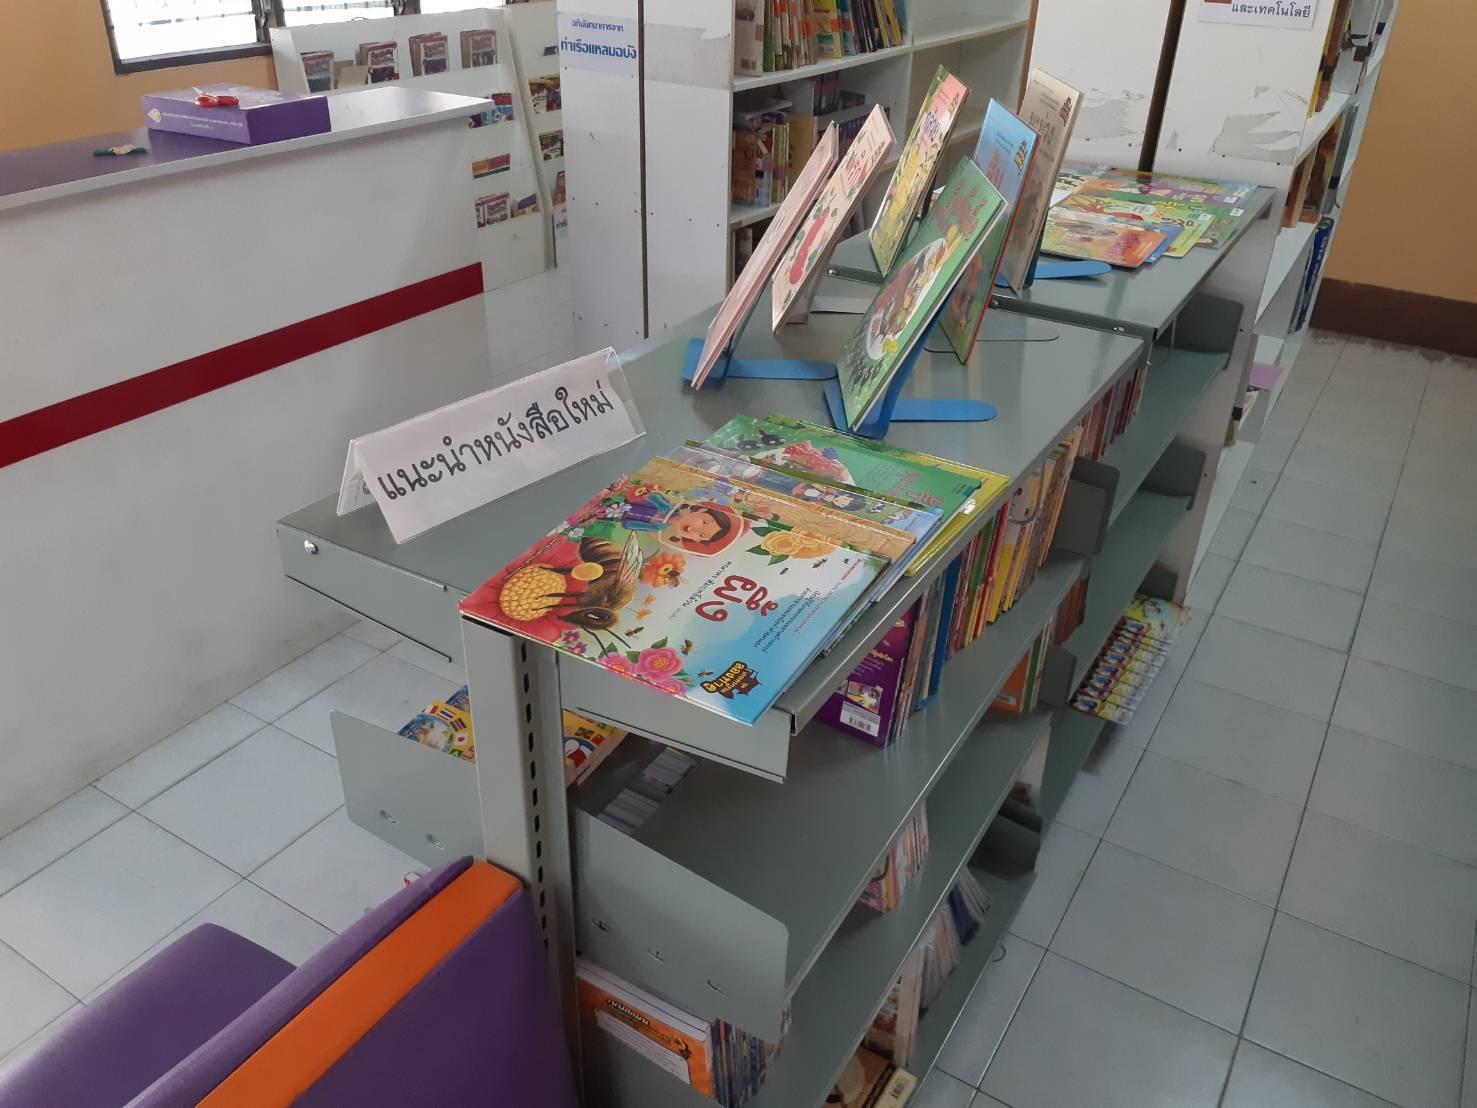 สโมสรโรตารีศรีราชา มอบหนังสือให้โรงเรียน